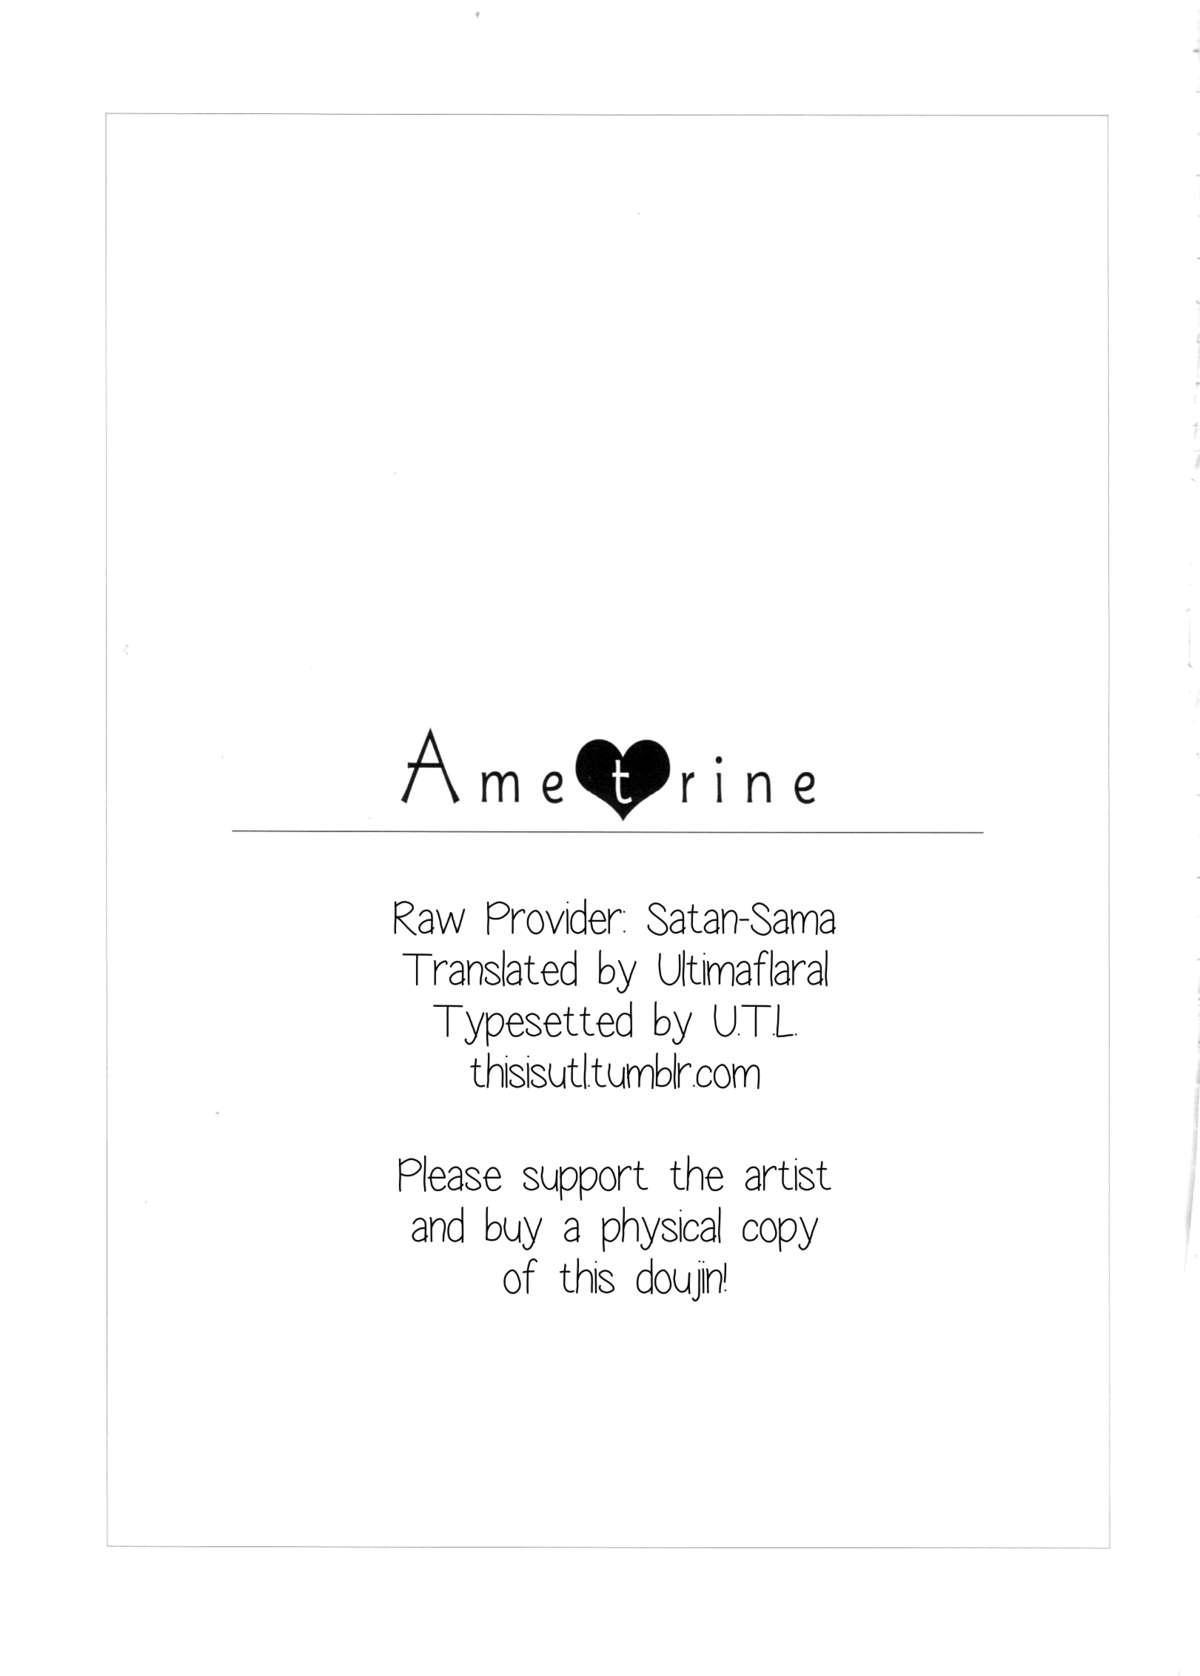 Ametrine 2